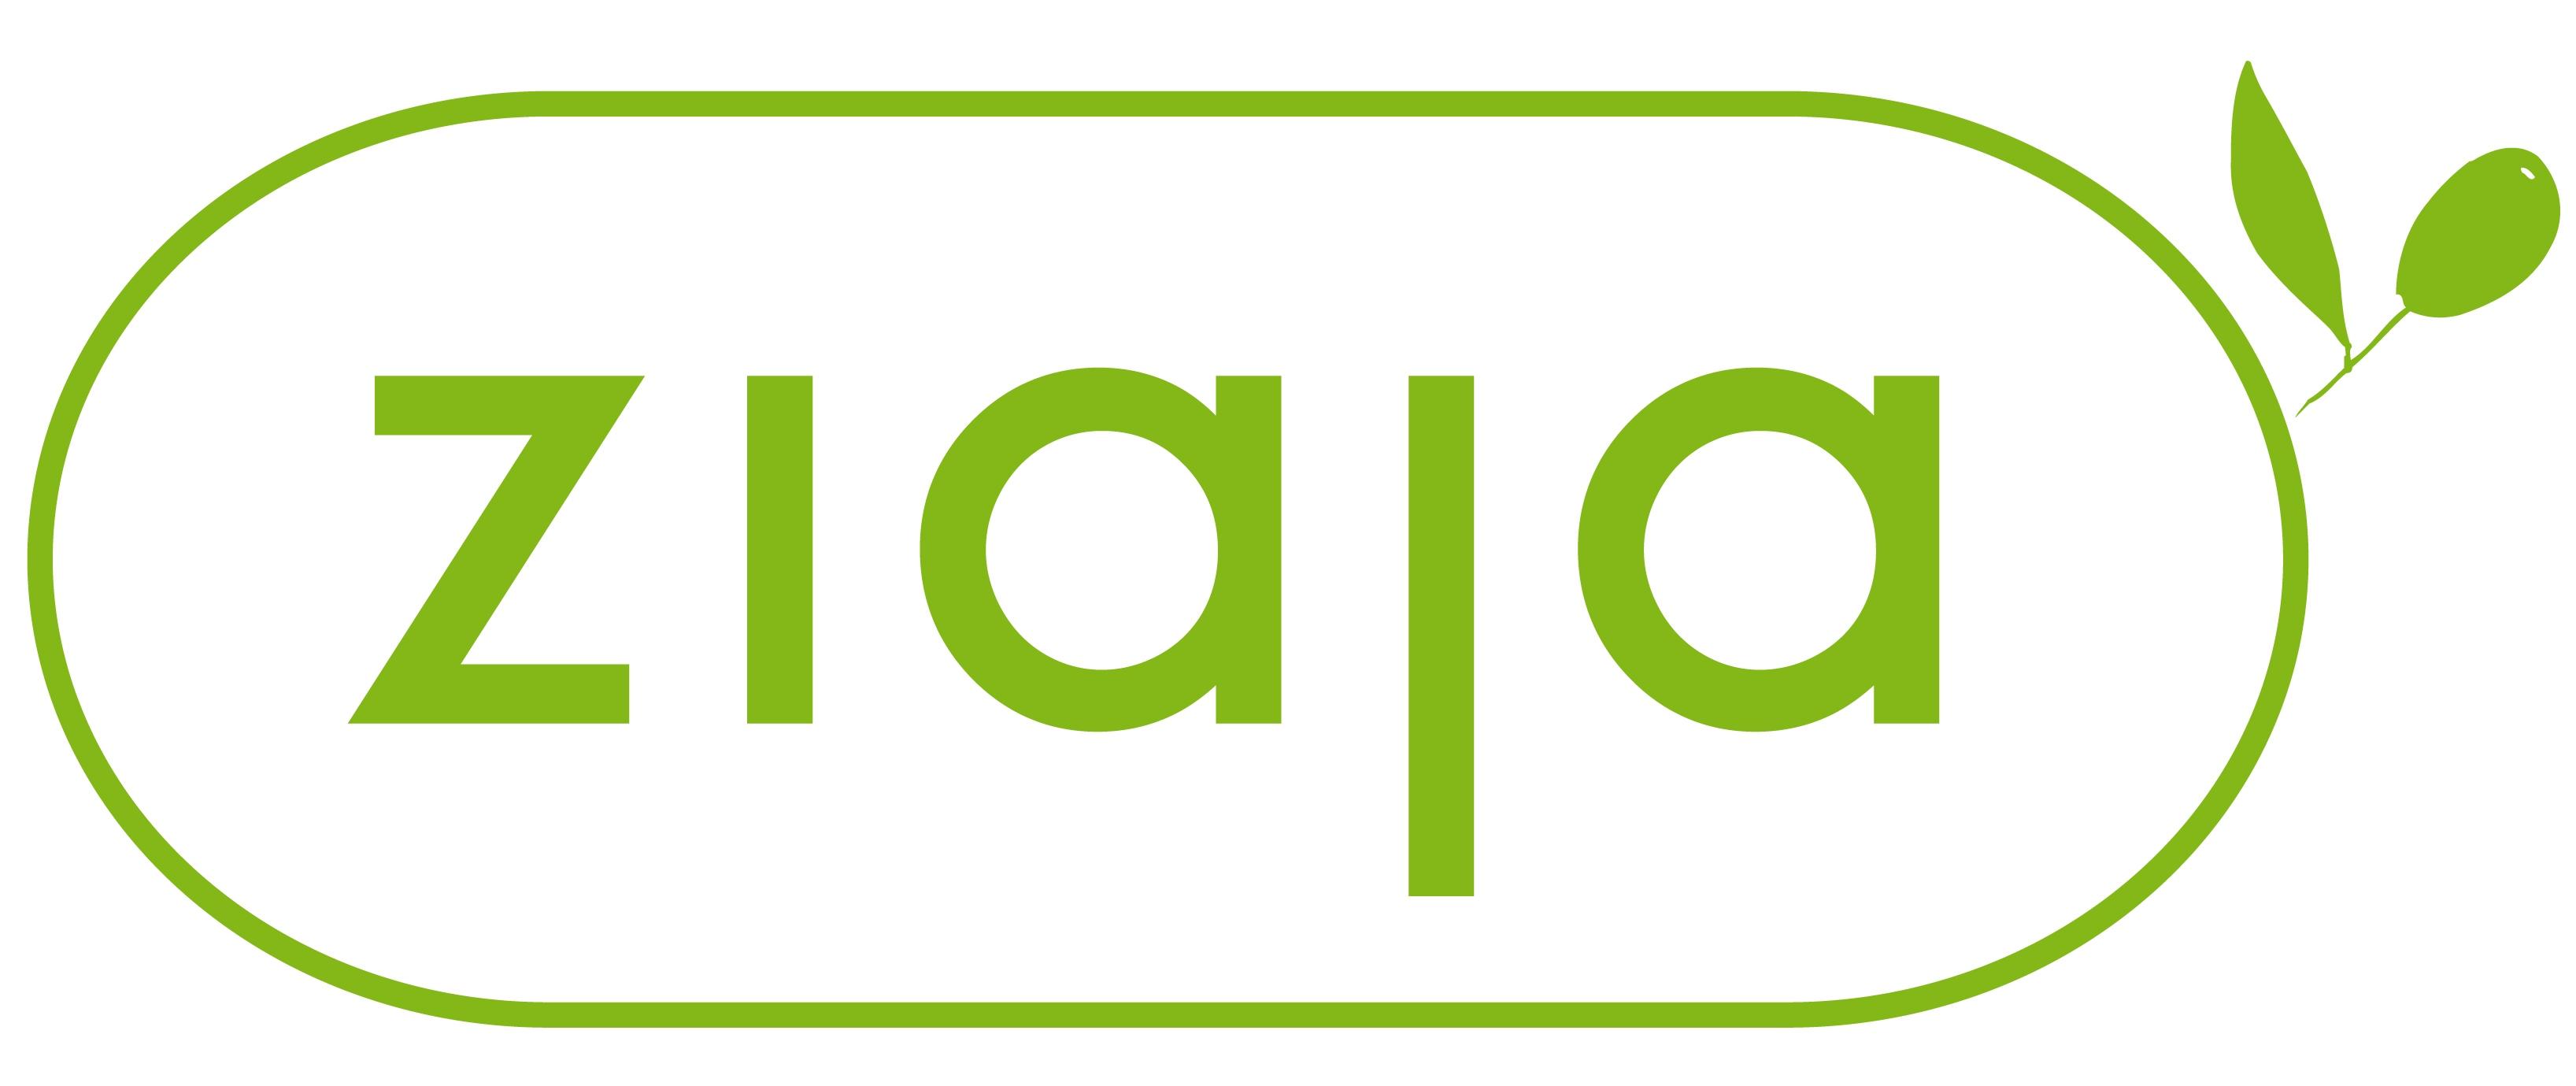 Logo Ziaja Jpg 3272 215 1379 Cruelty Free Pinterest